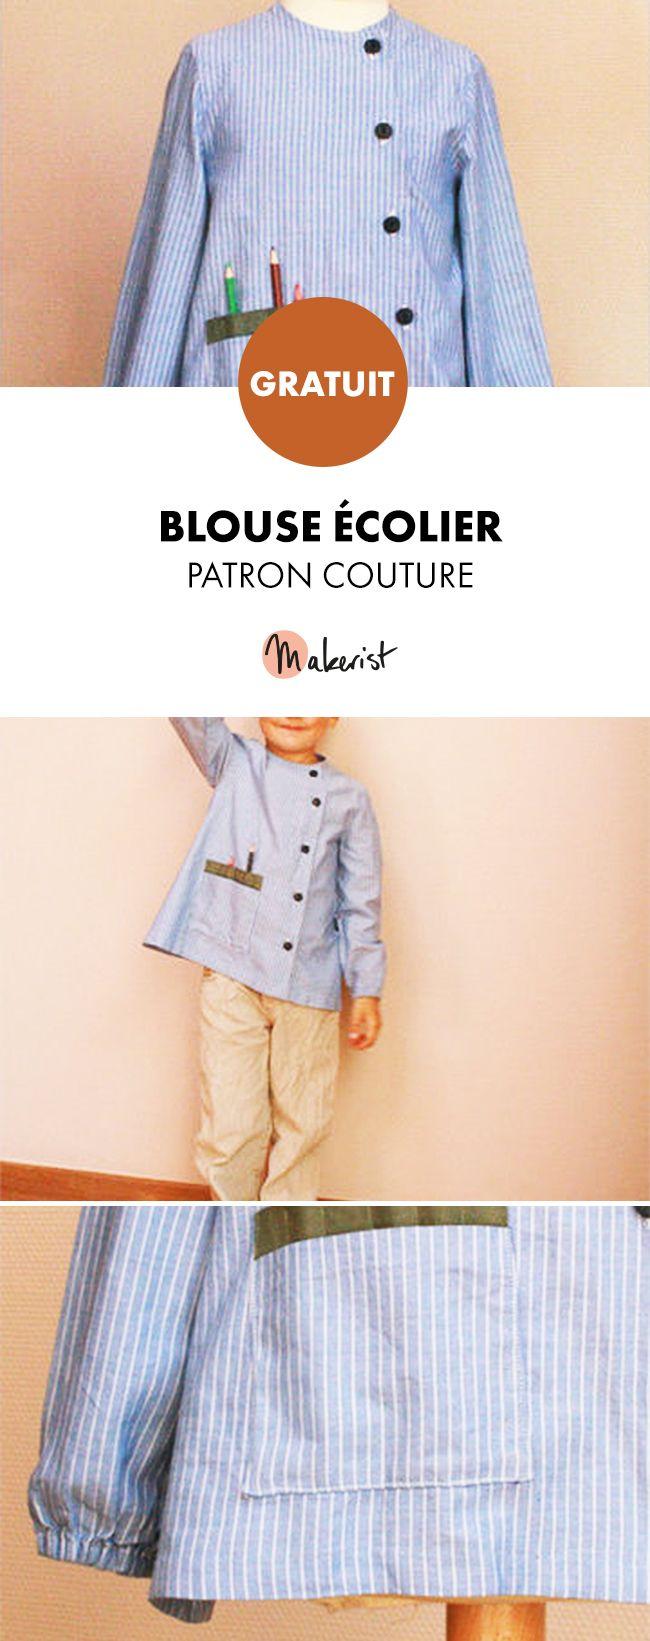 Patron couture gratuit à imprimer sur Makerist.fr